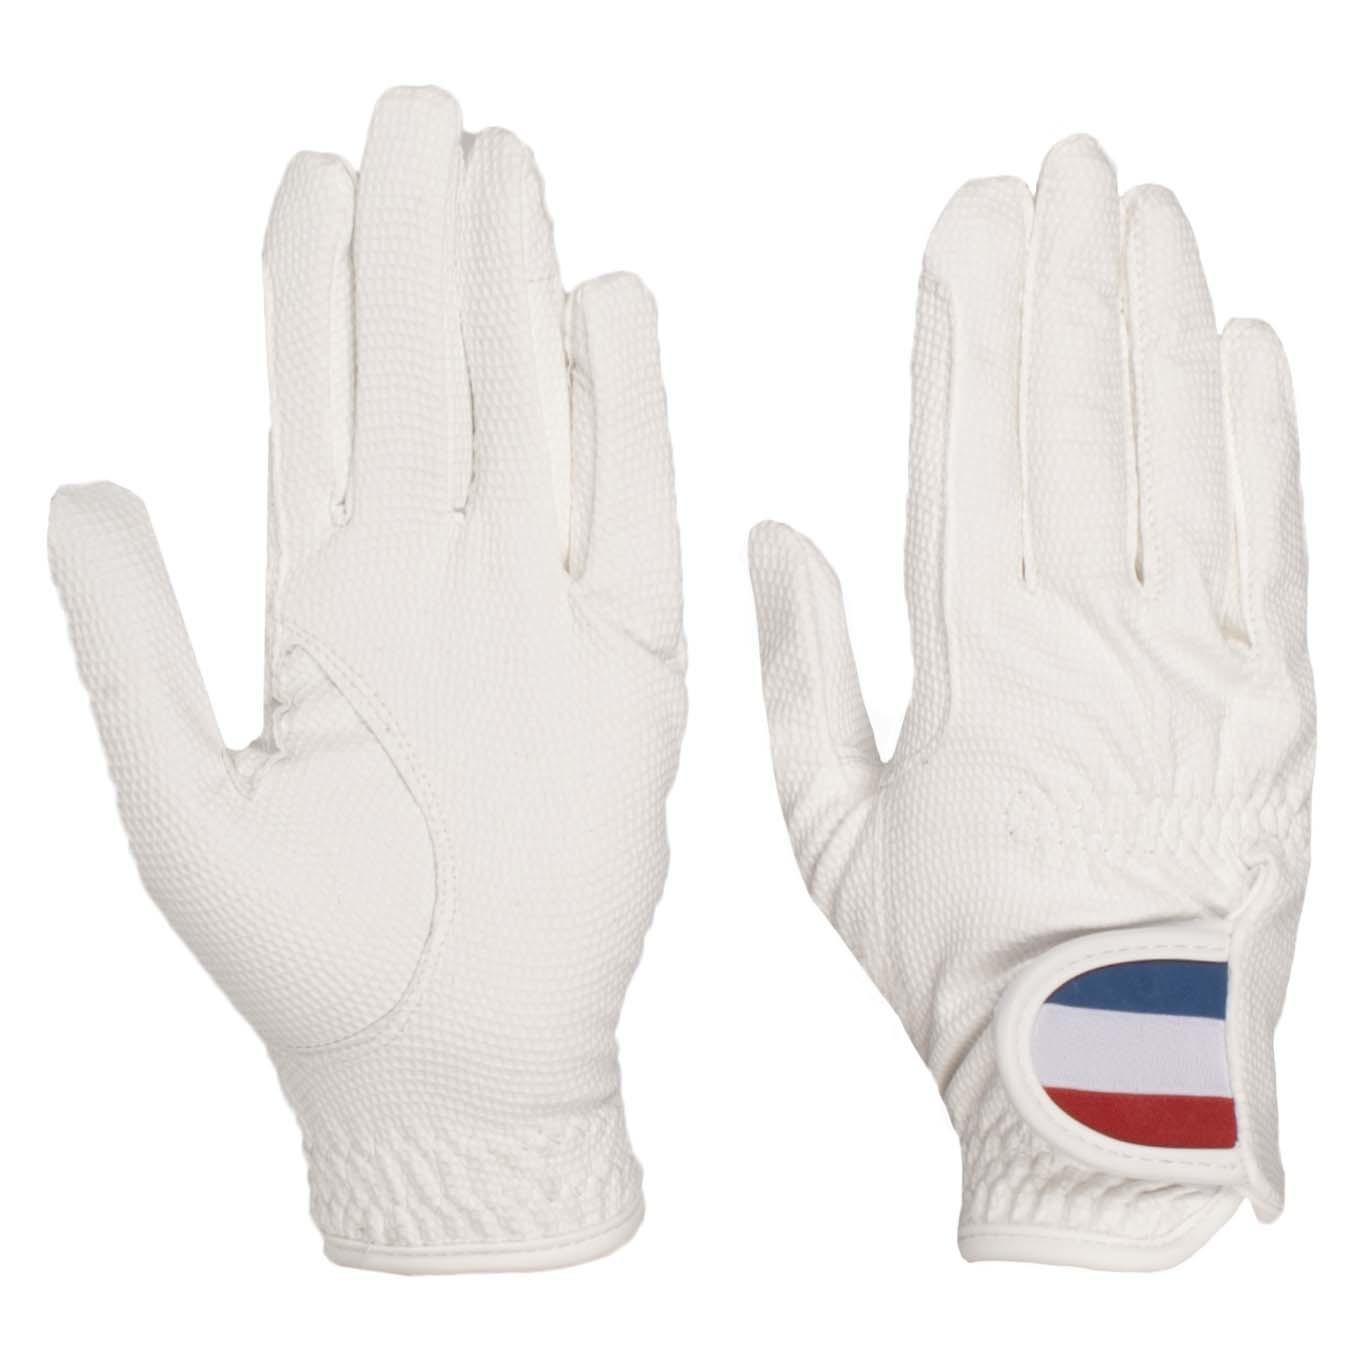 Mondoni Netherlands handschoenen wit maat:9